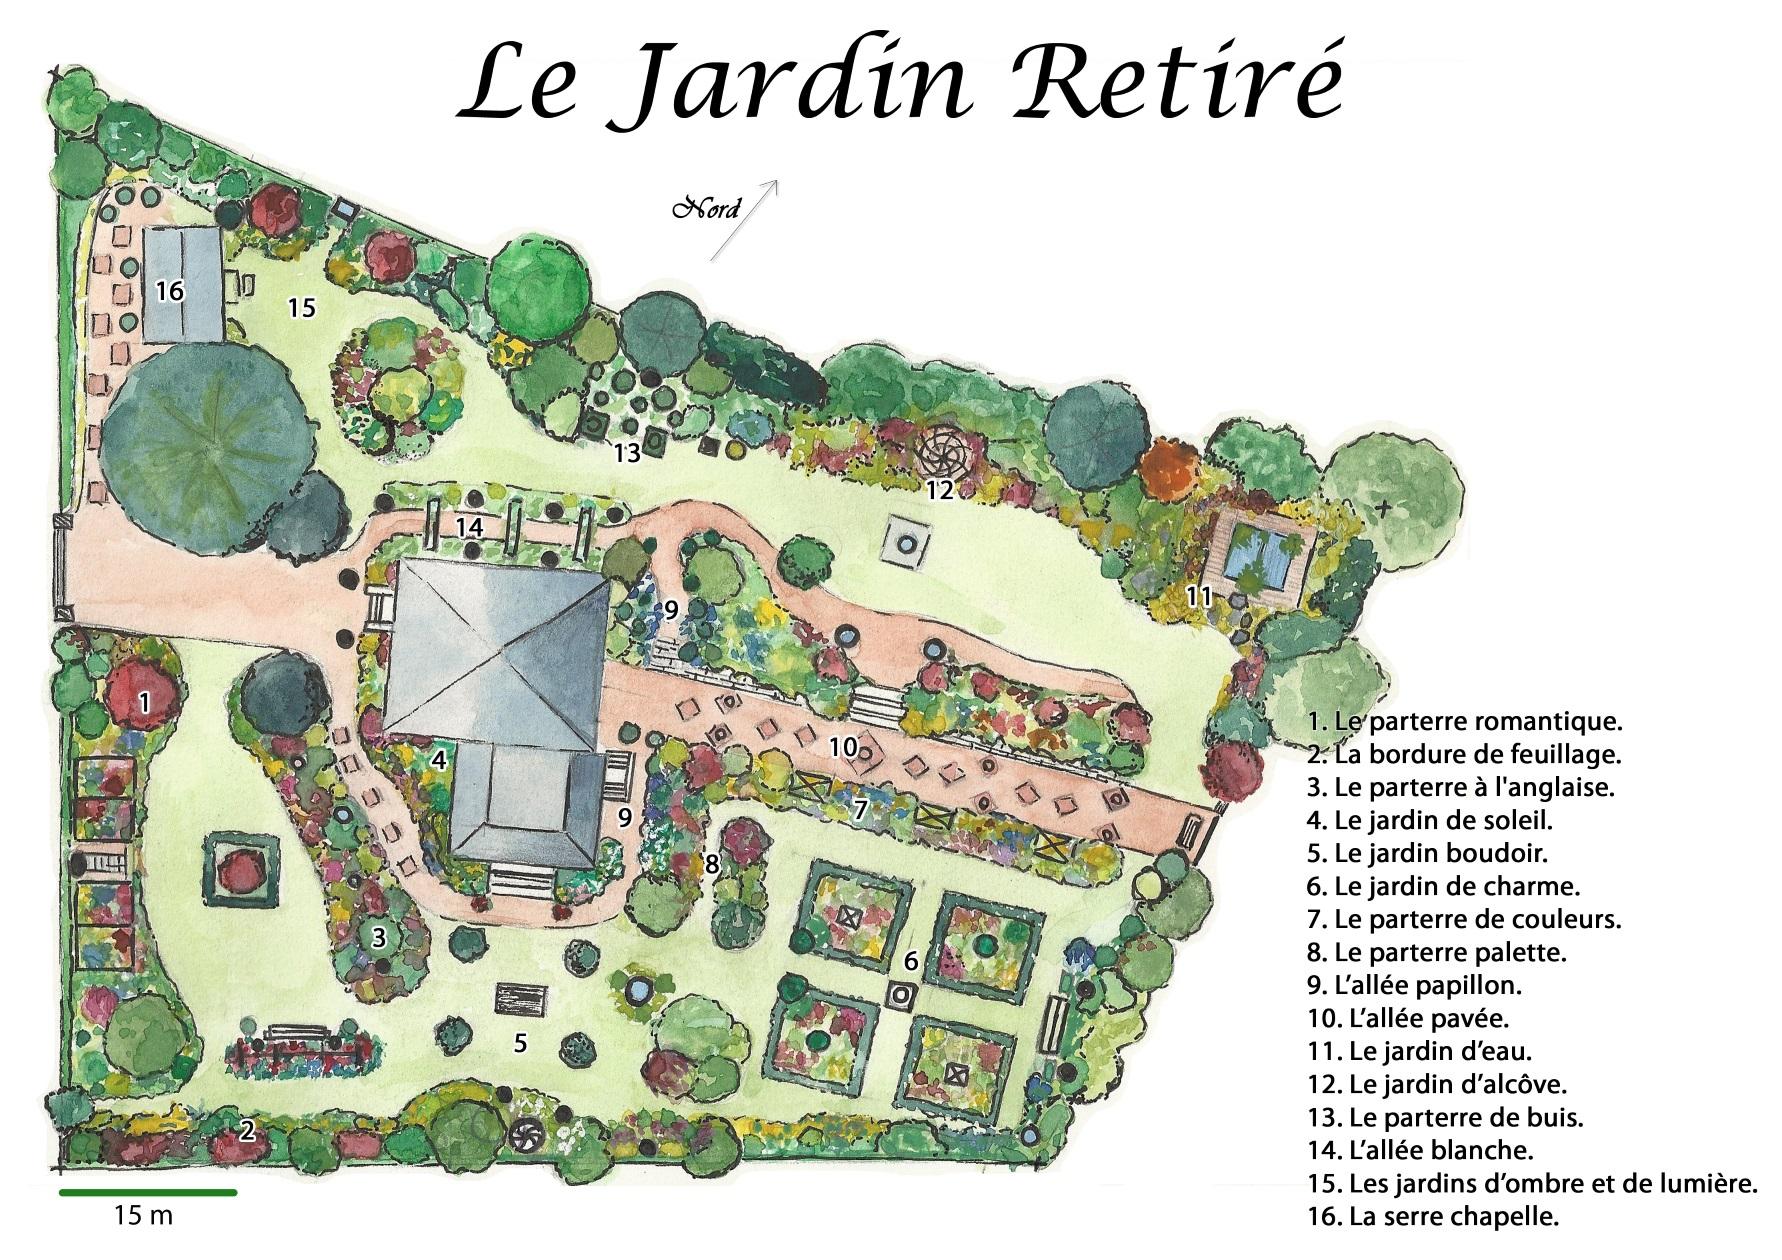 The Garden – Le Jardin Retiré